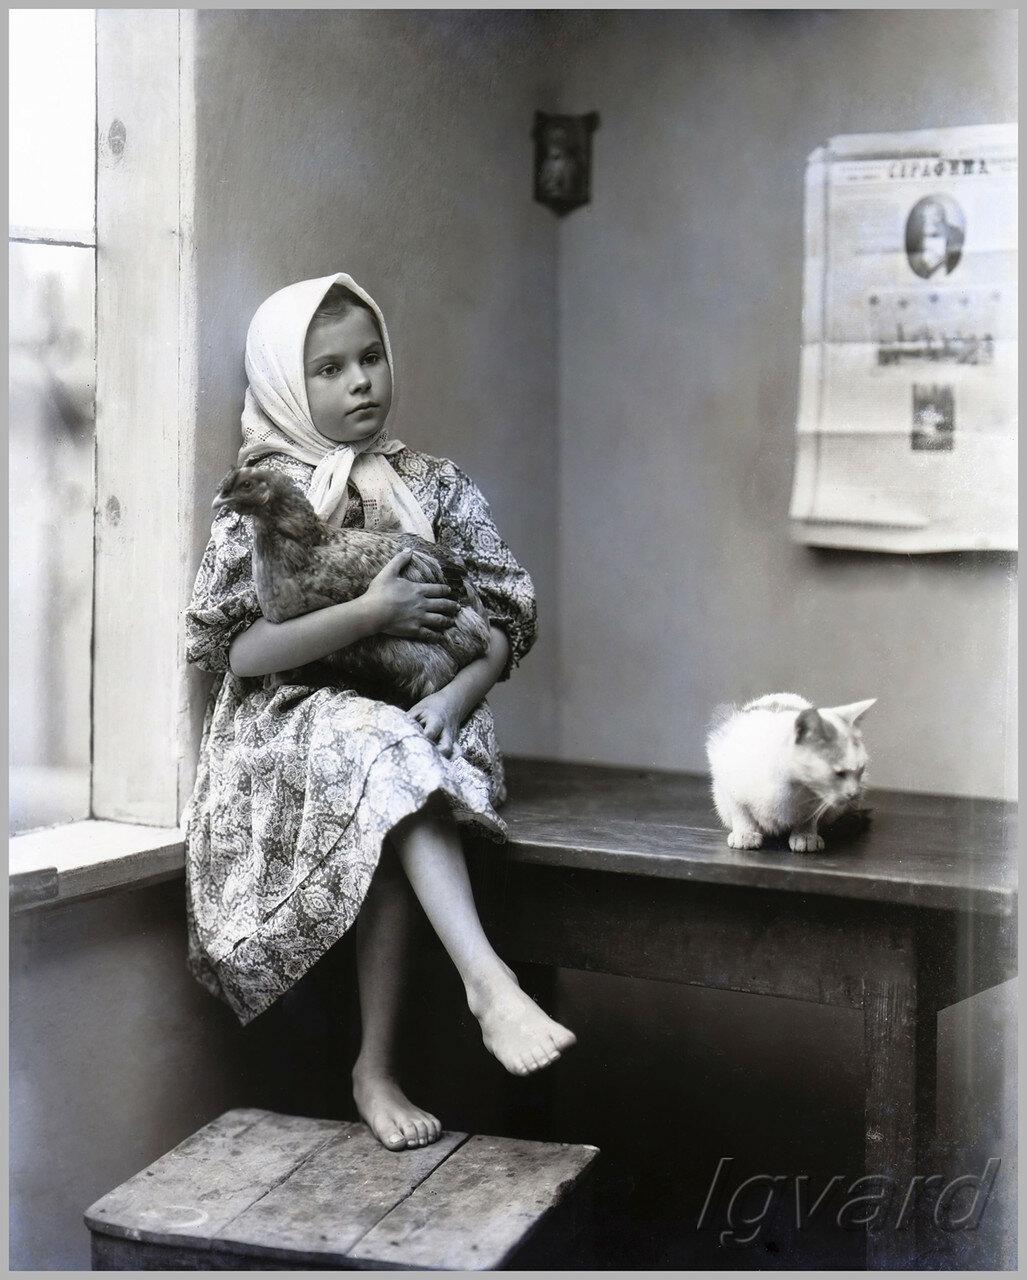 Девочка с курочкой (конкурсное фото Алексея Васильевича Барышникова)